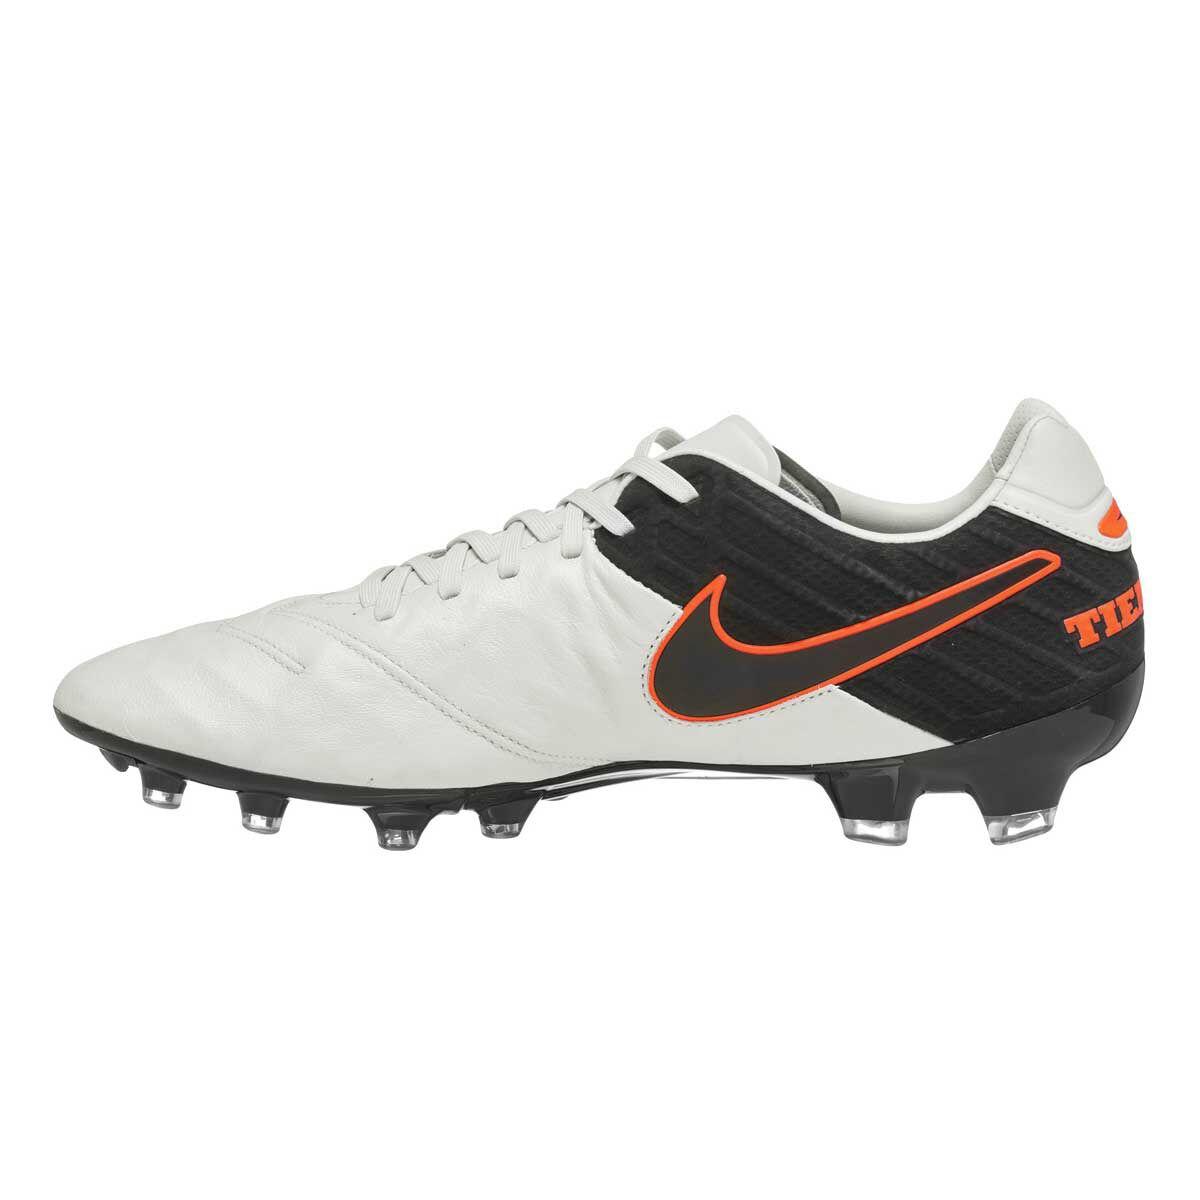 official store nike tiempo legend vi mens football boots white us 7 adult  white rebelhi cb3e9 c347625ece2